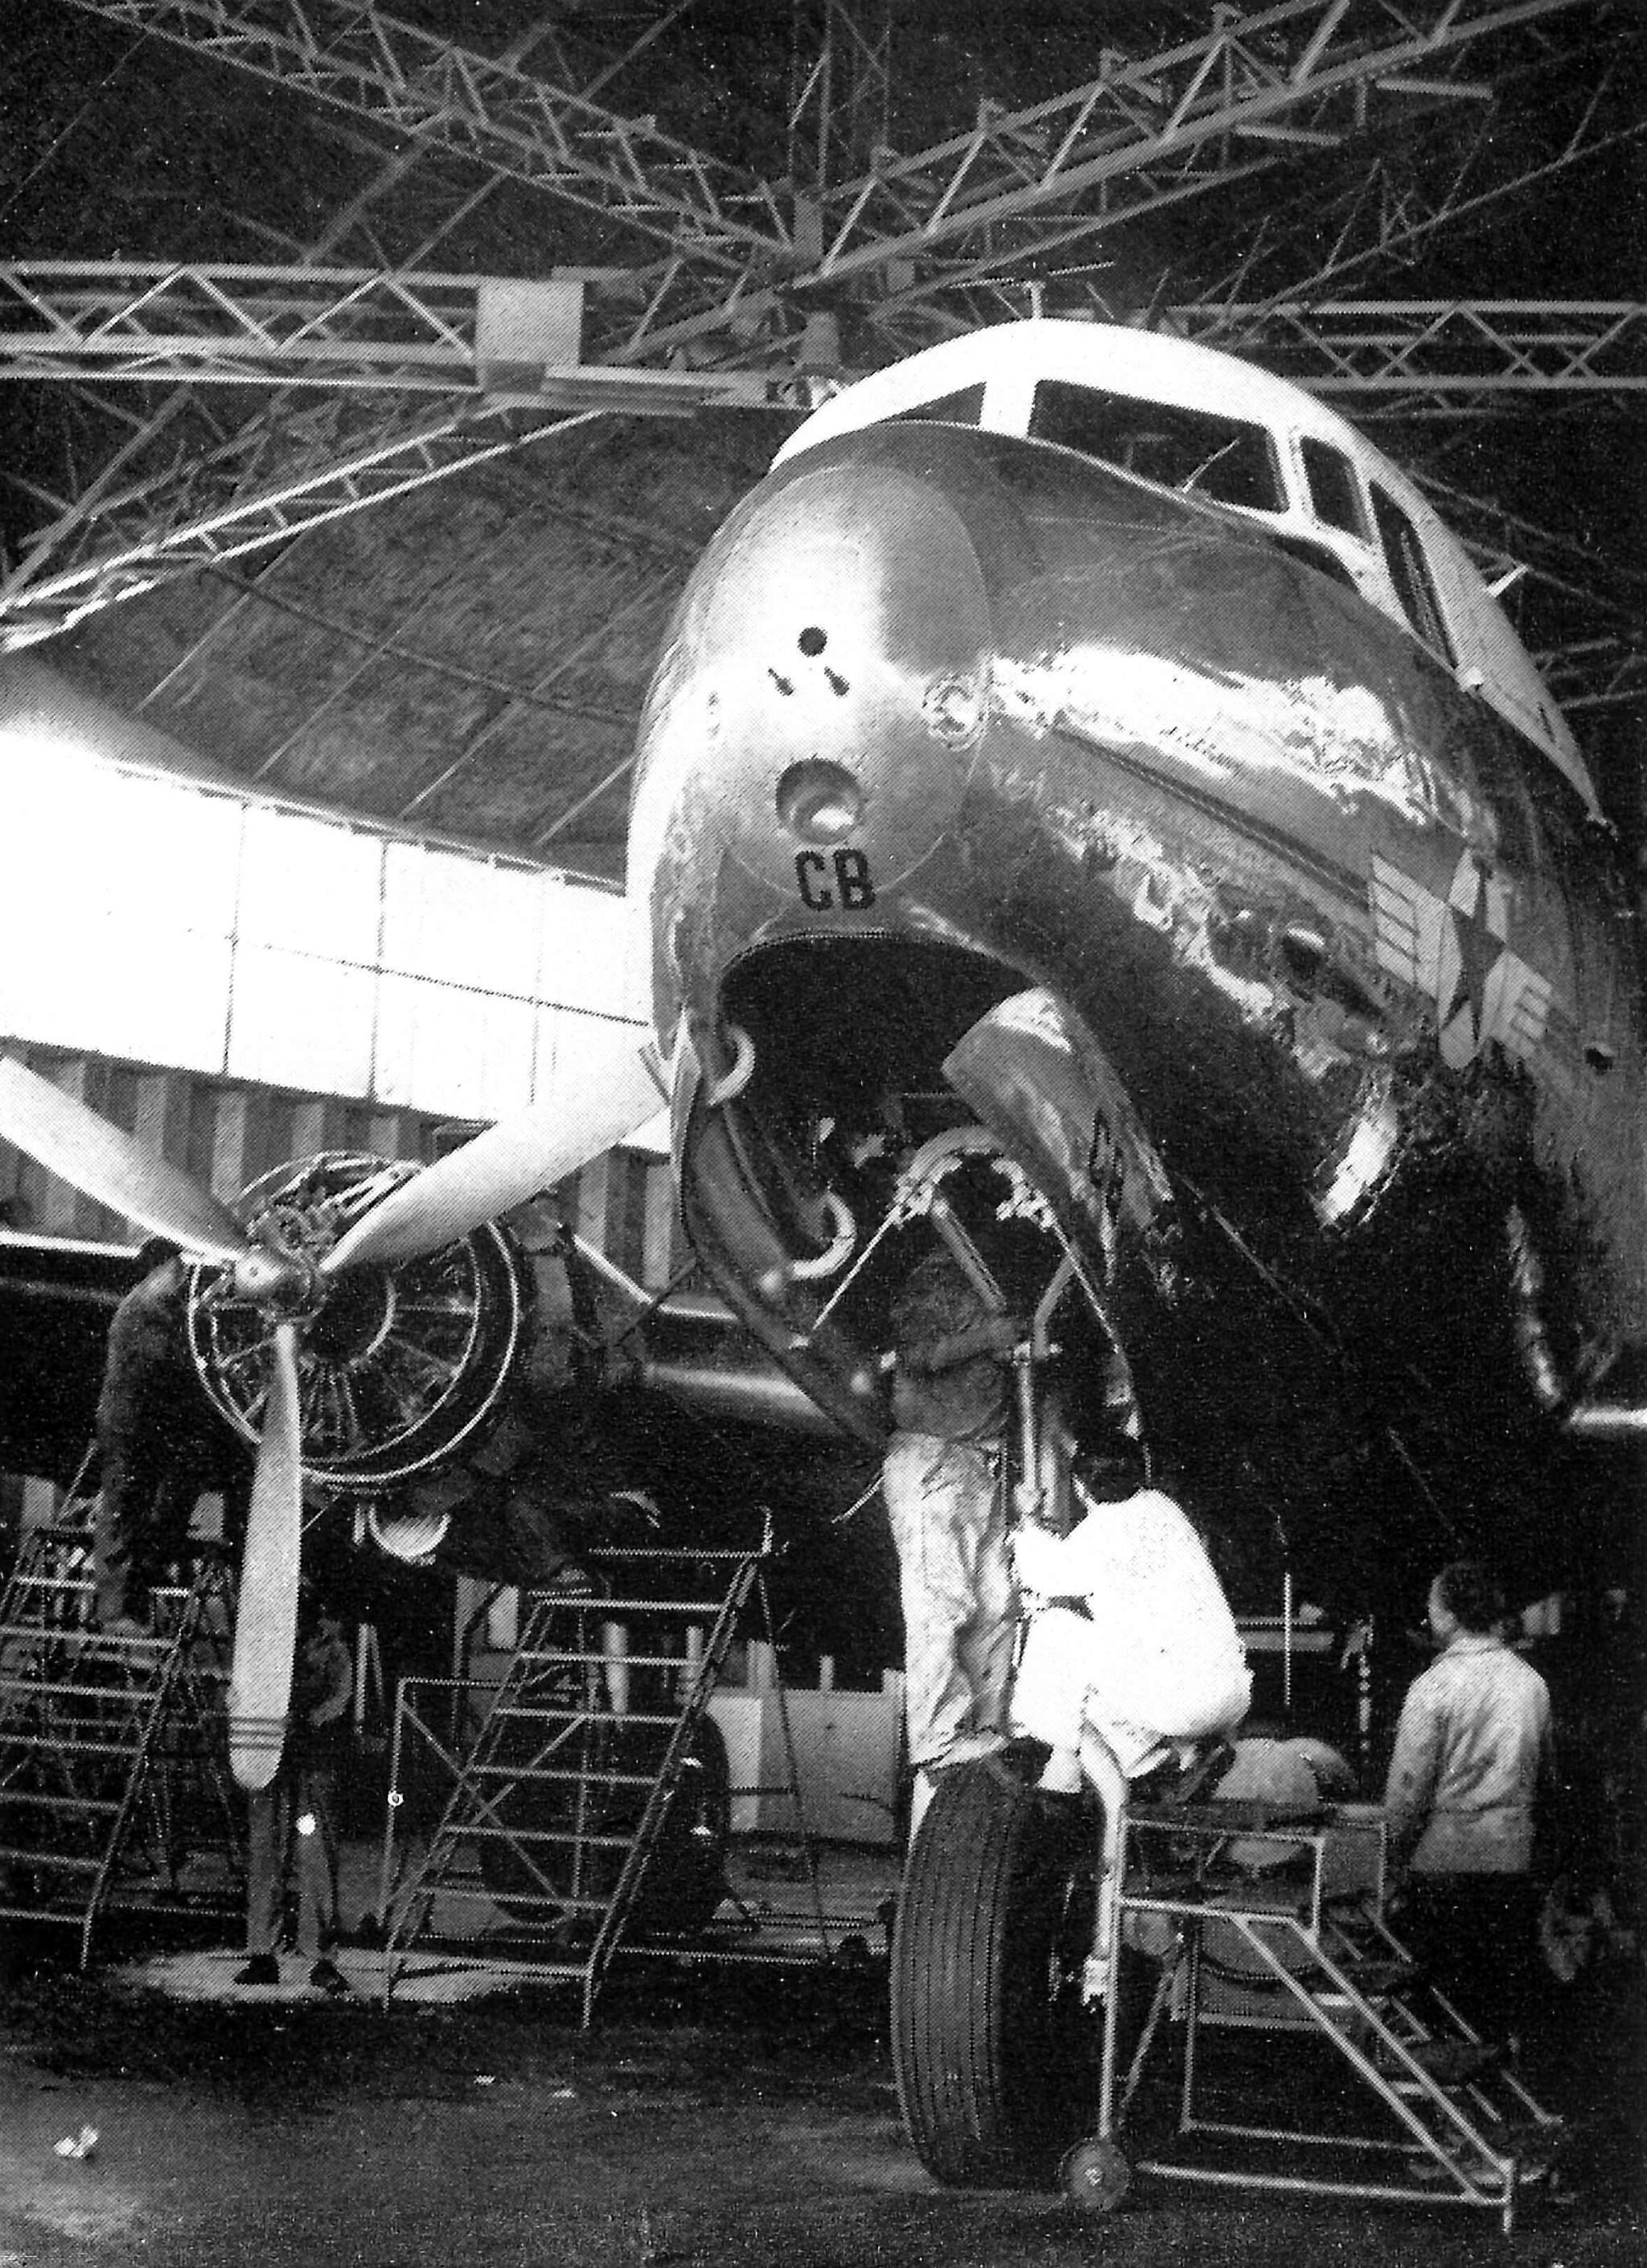 Anciens avions de la RAM - Page 4 48998780333_a042a9870b_3k